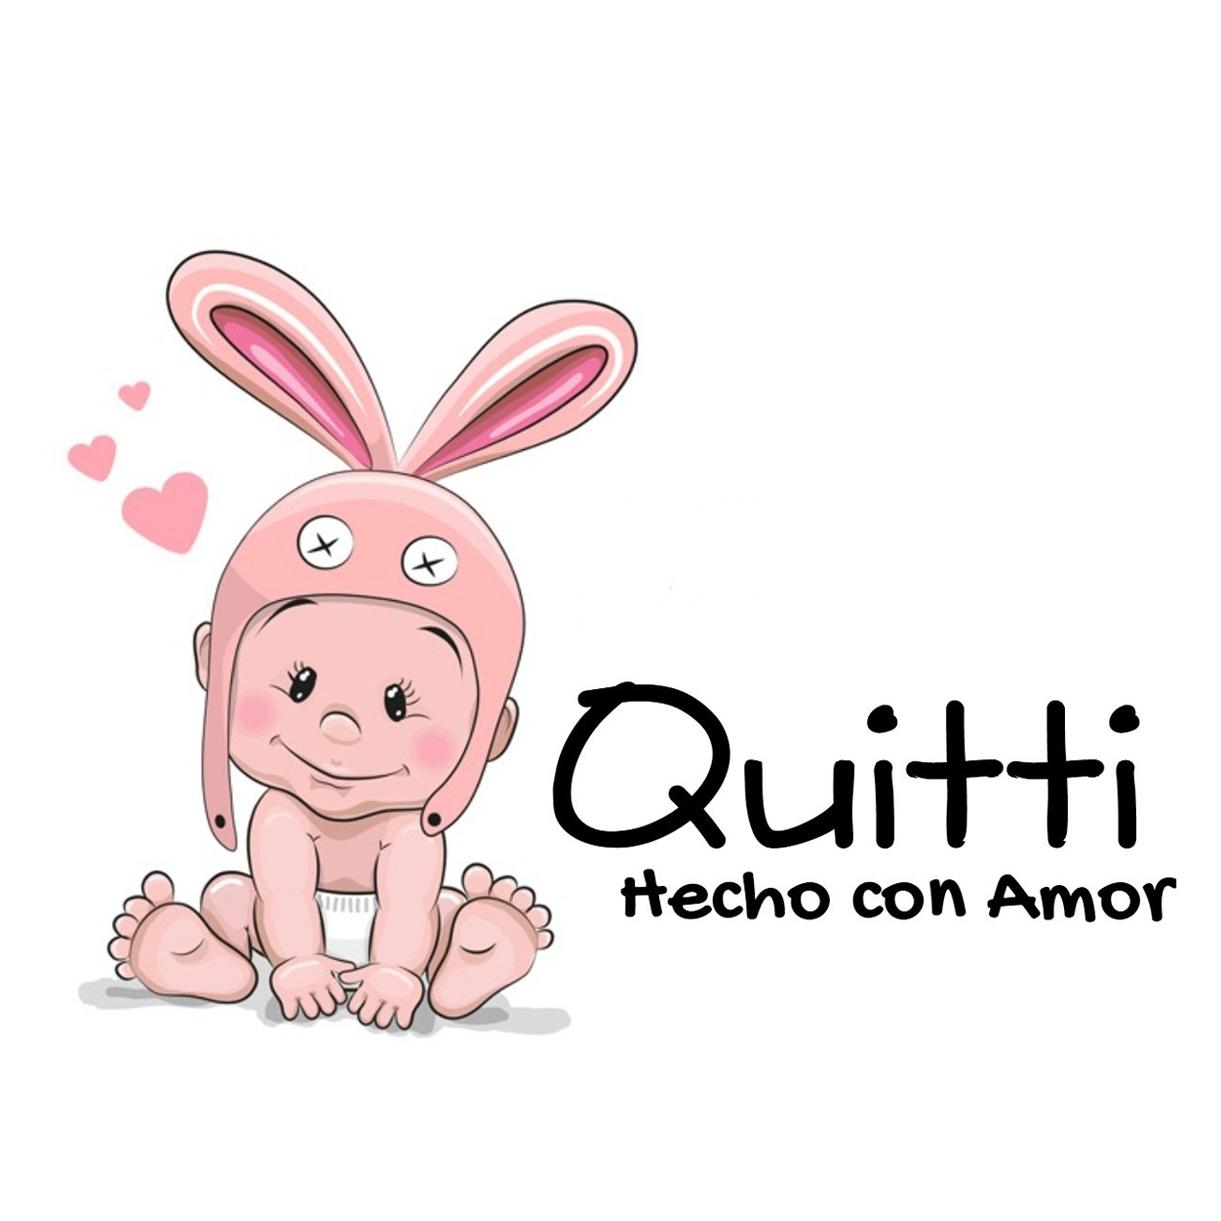 Quitti